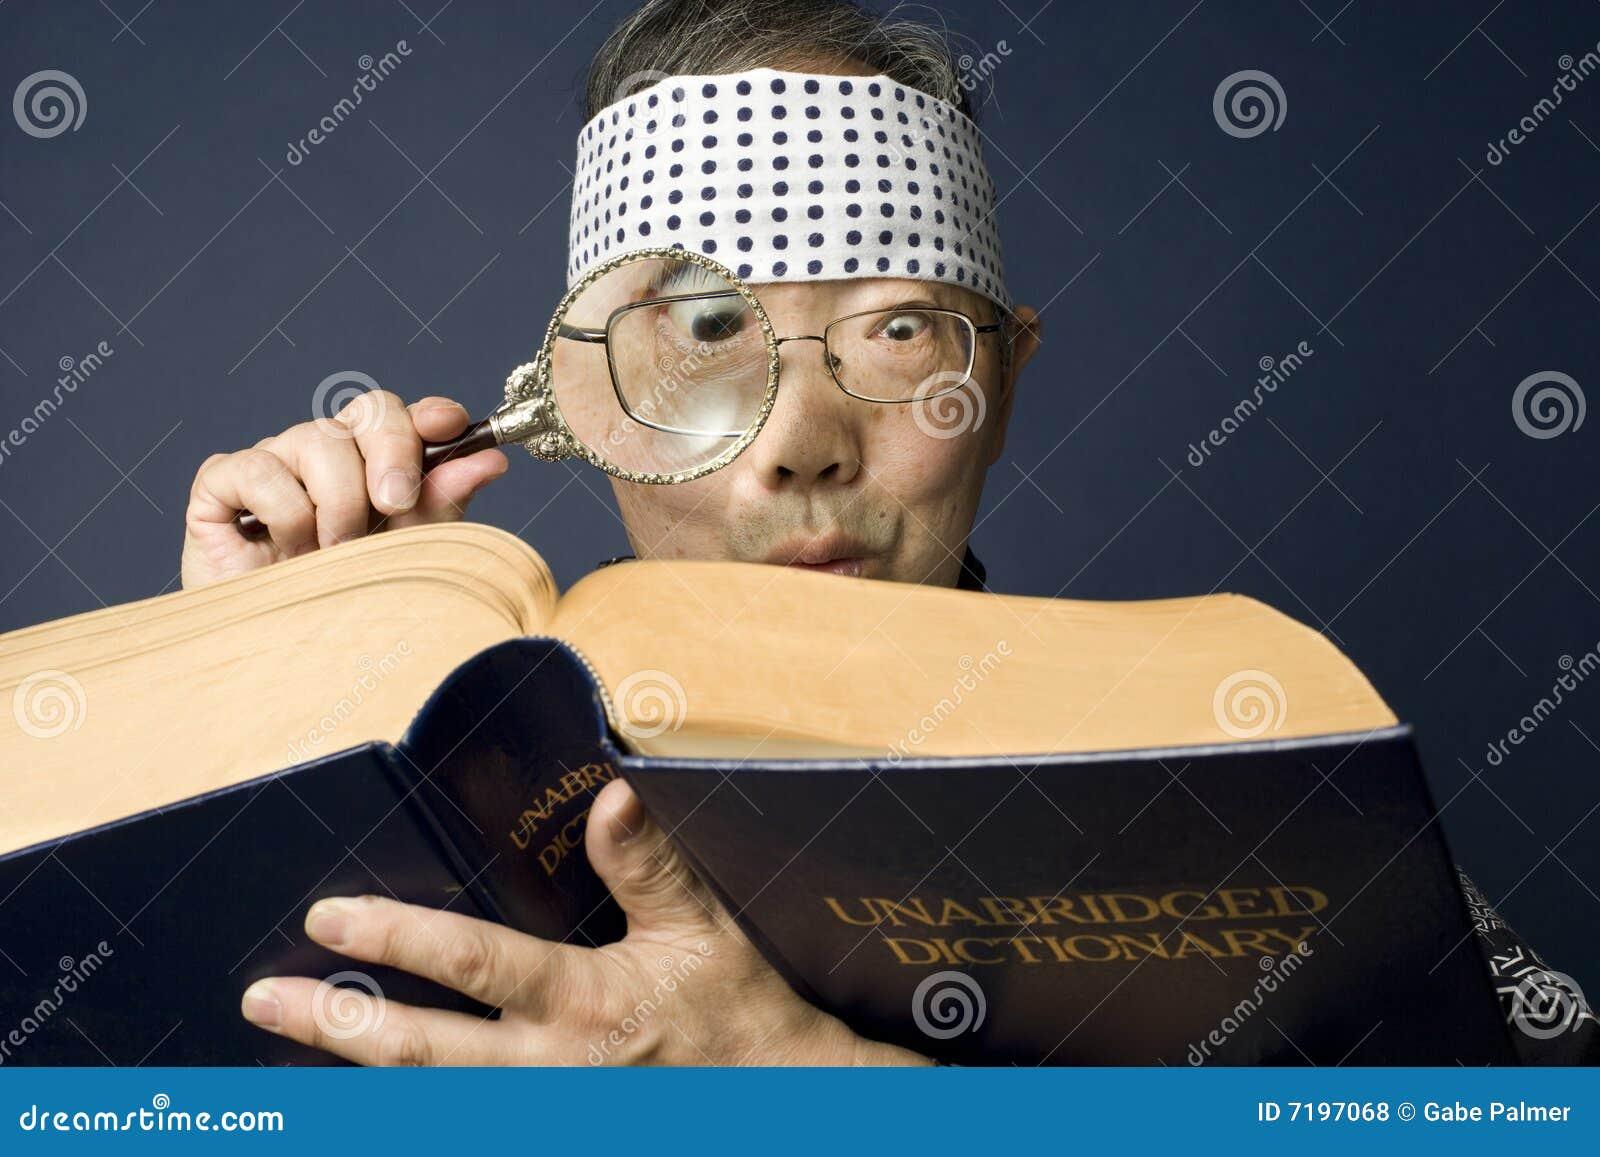 Dictionary examines japanese man senior